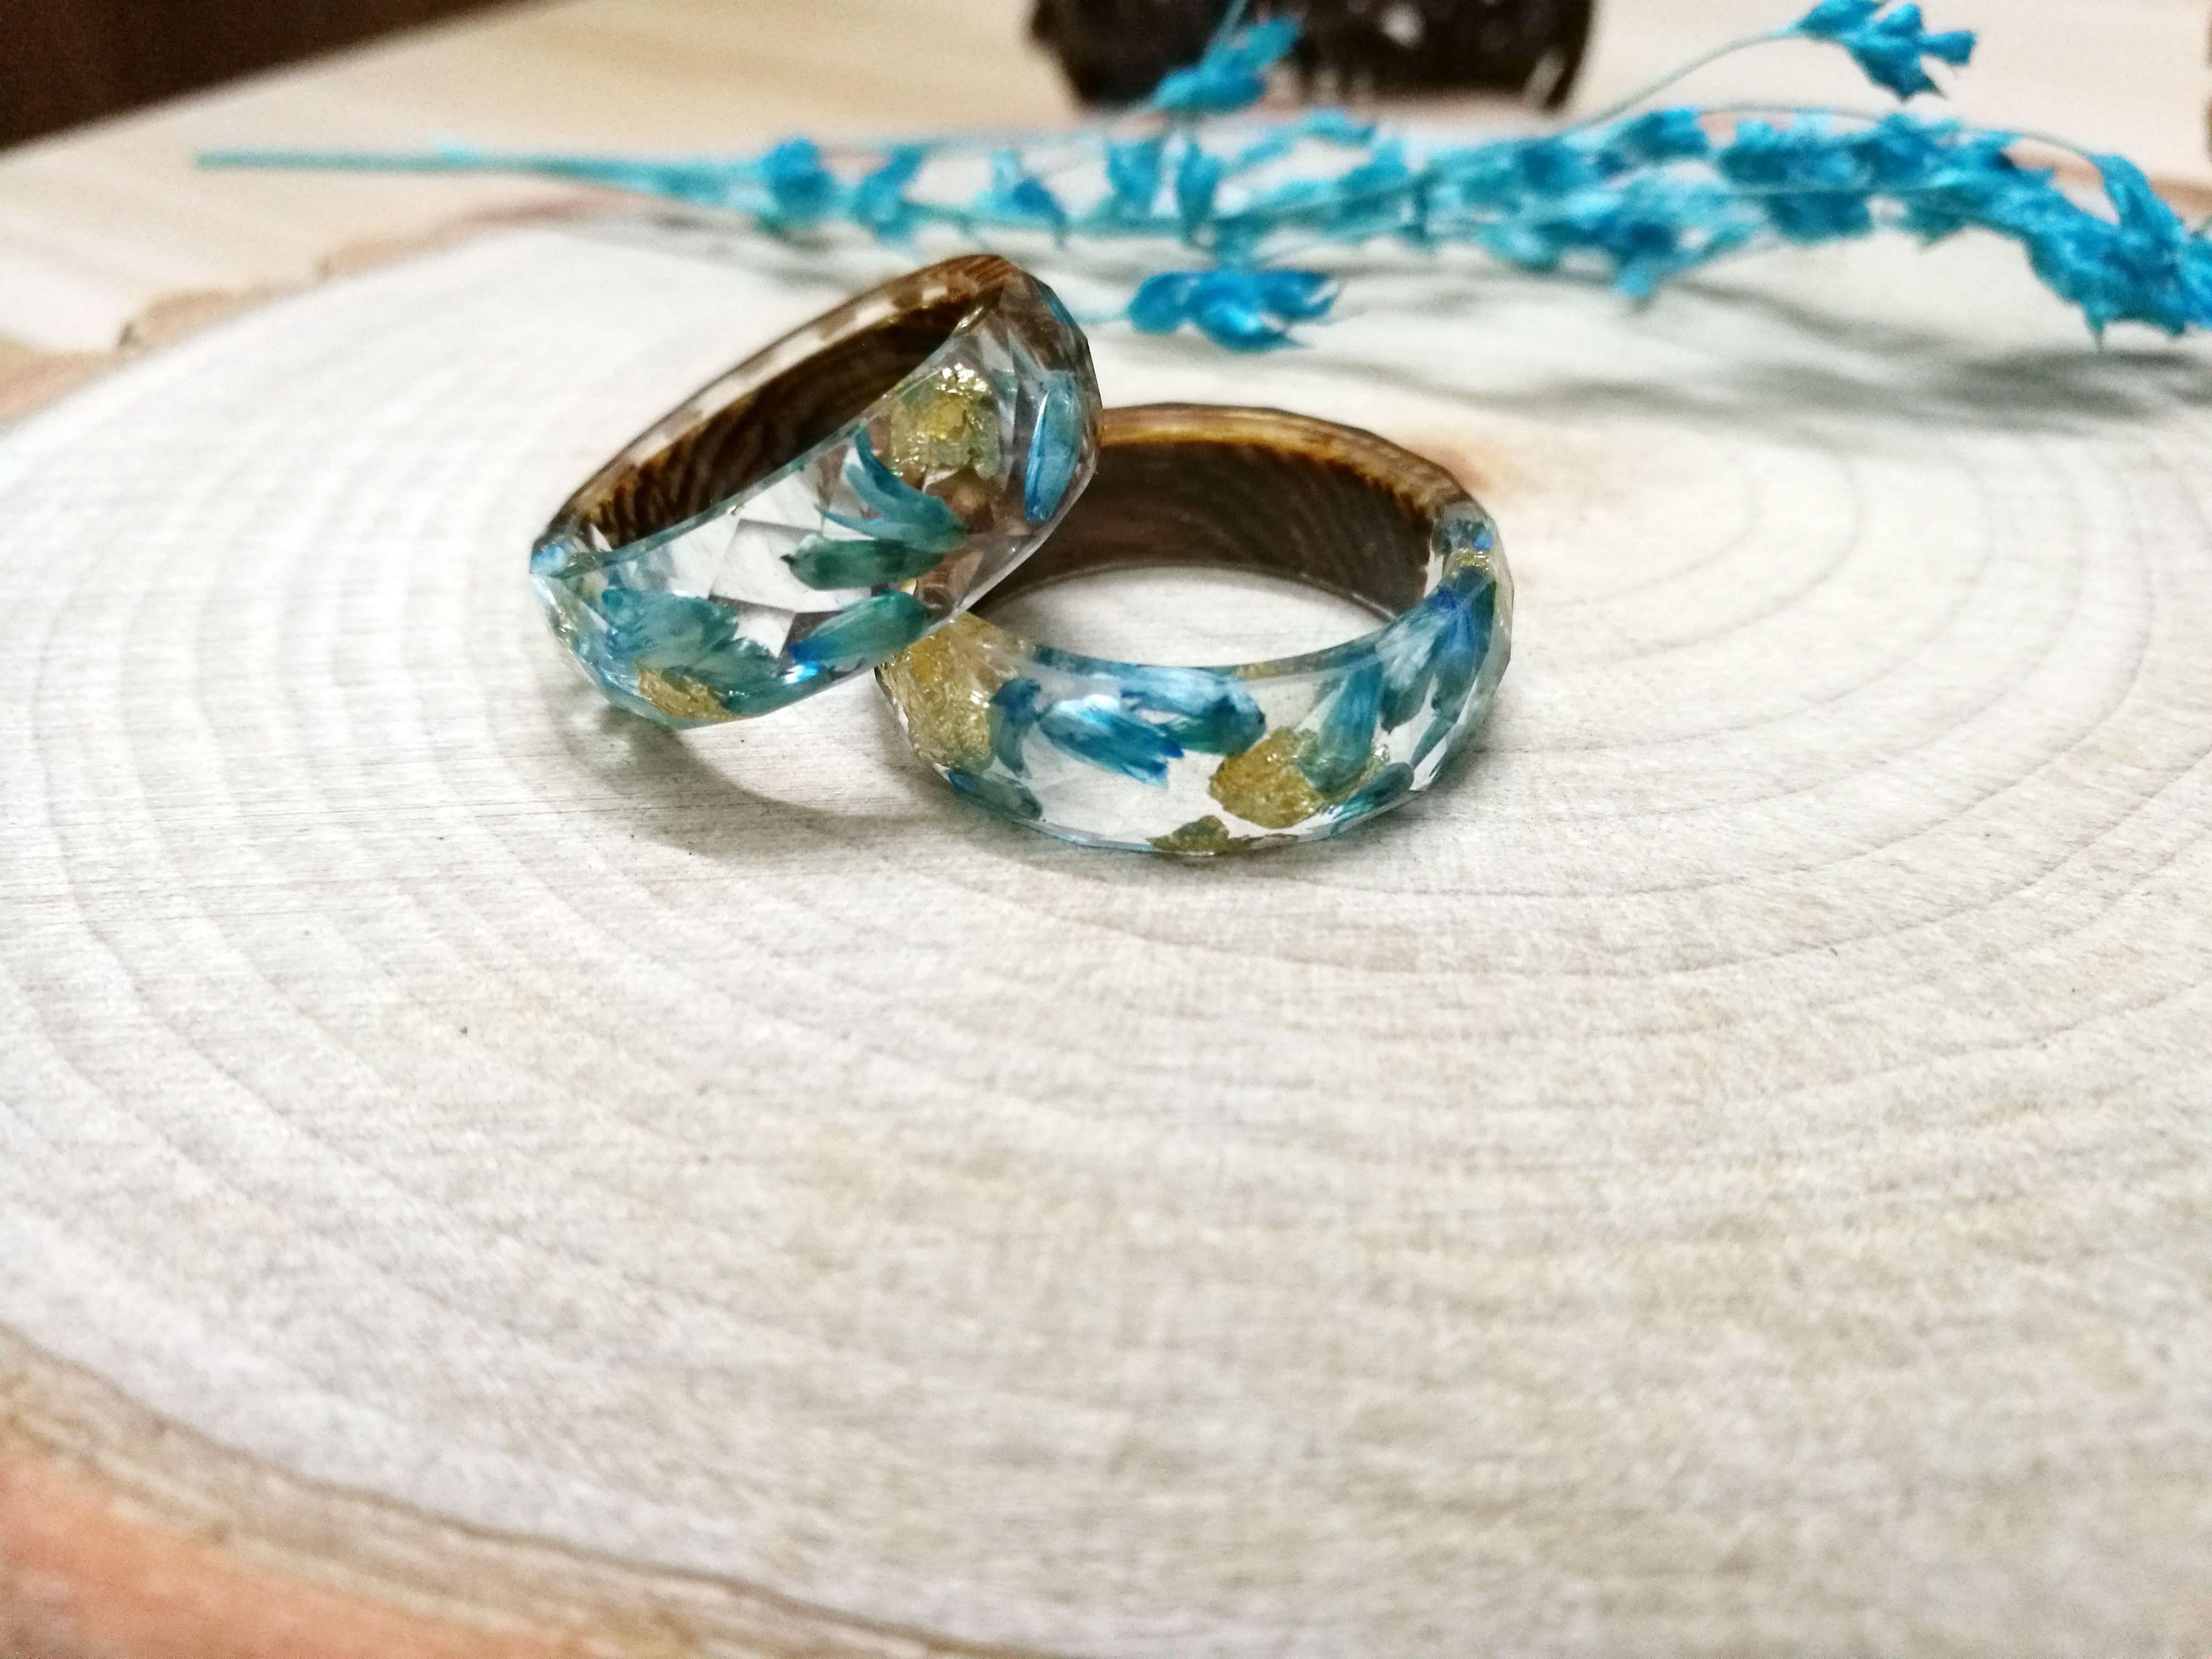 Real Flower Resin Rings Pressed Flower Resin Ring Smartyleowl Resin Art Resin Jewelry Resin Diorama Flower Resin Jewelry Inspiration Resin Ring